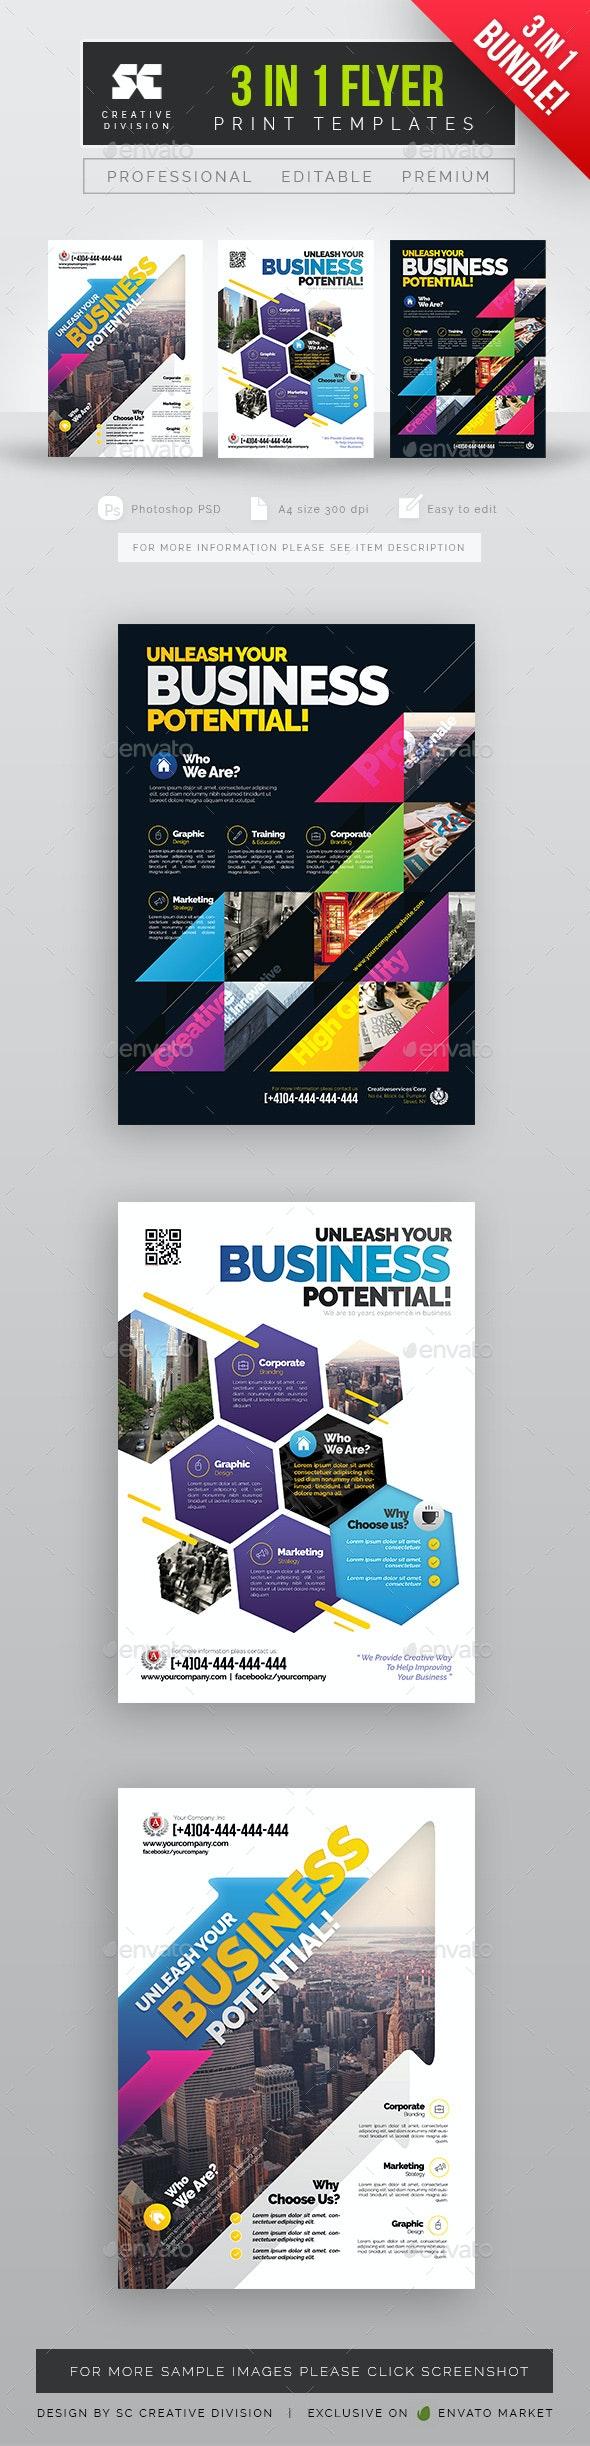 Corporate Business Bundle - Corporate Flyers